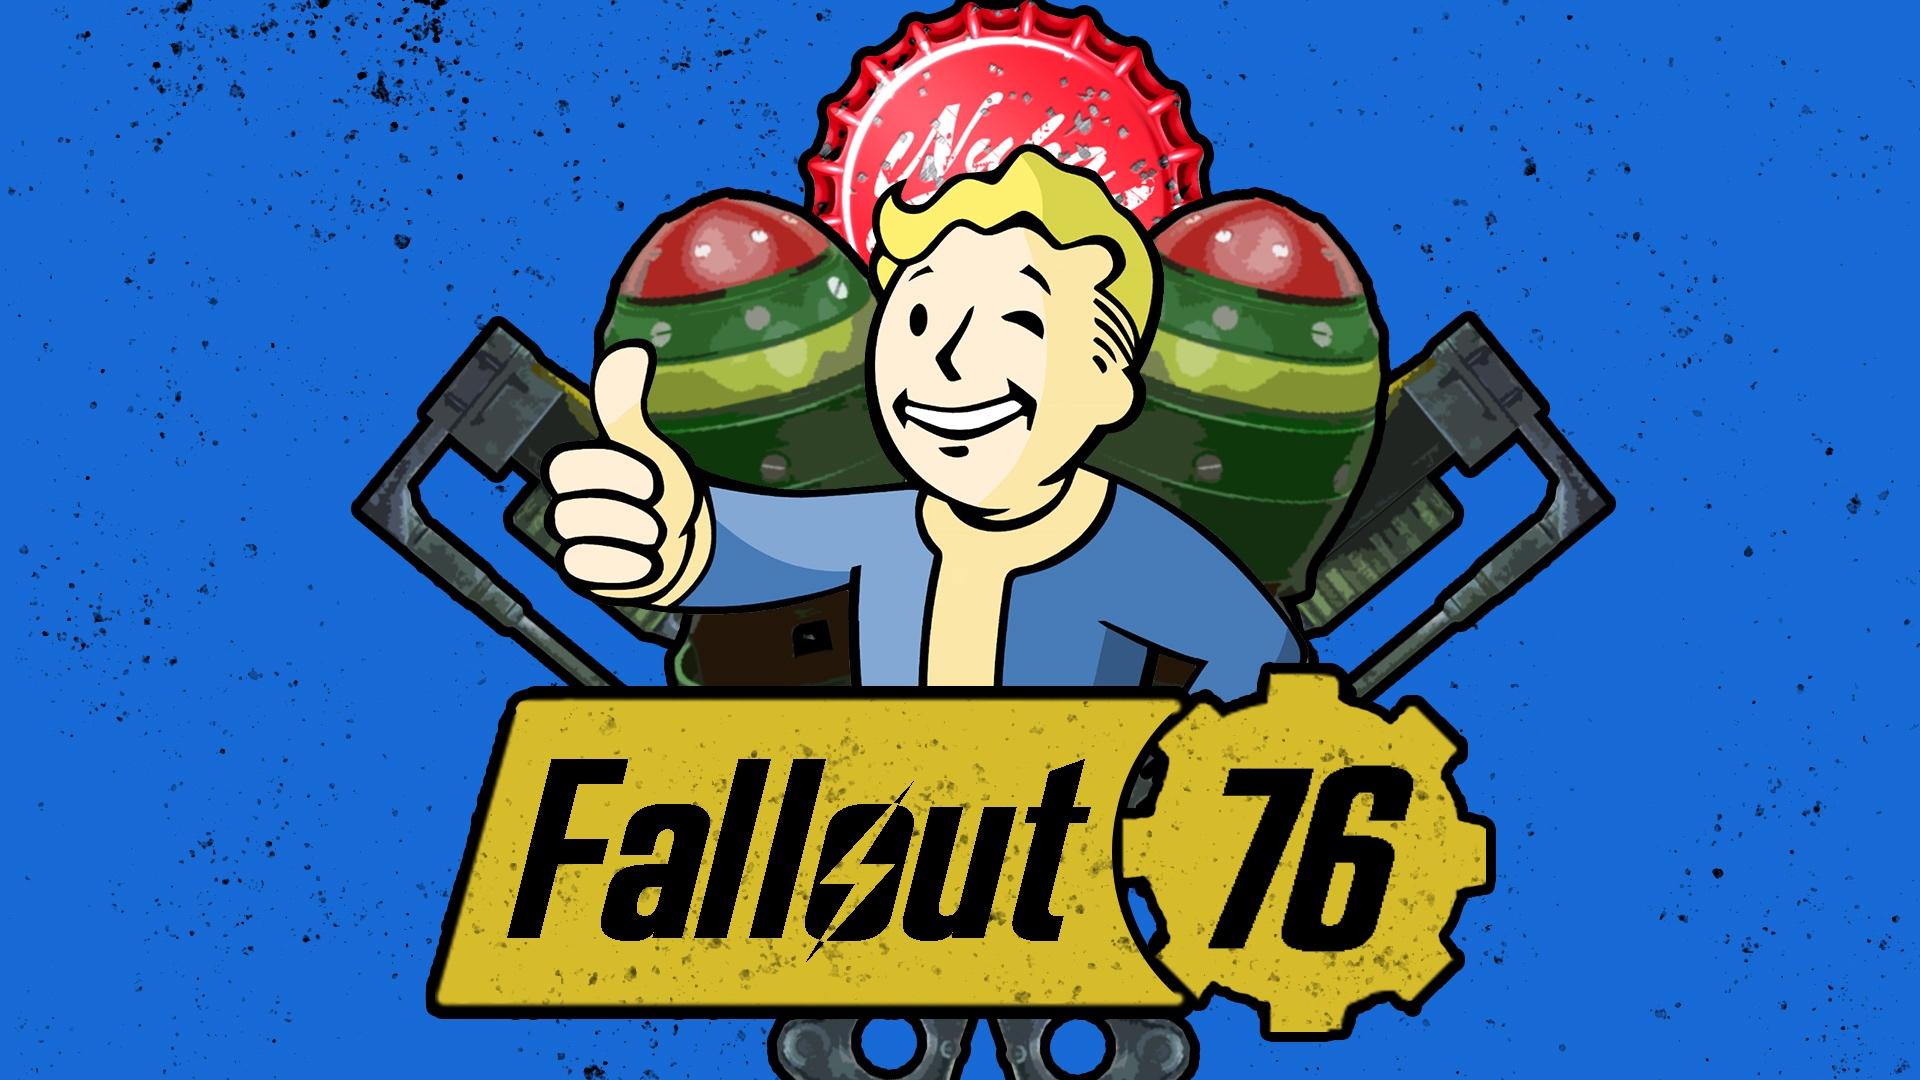 Darum macht Fallout 76 als Multiplayer auch alleine Spaß